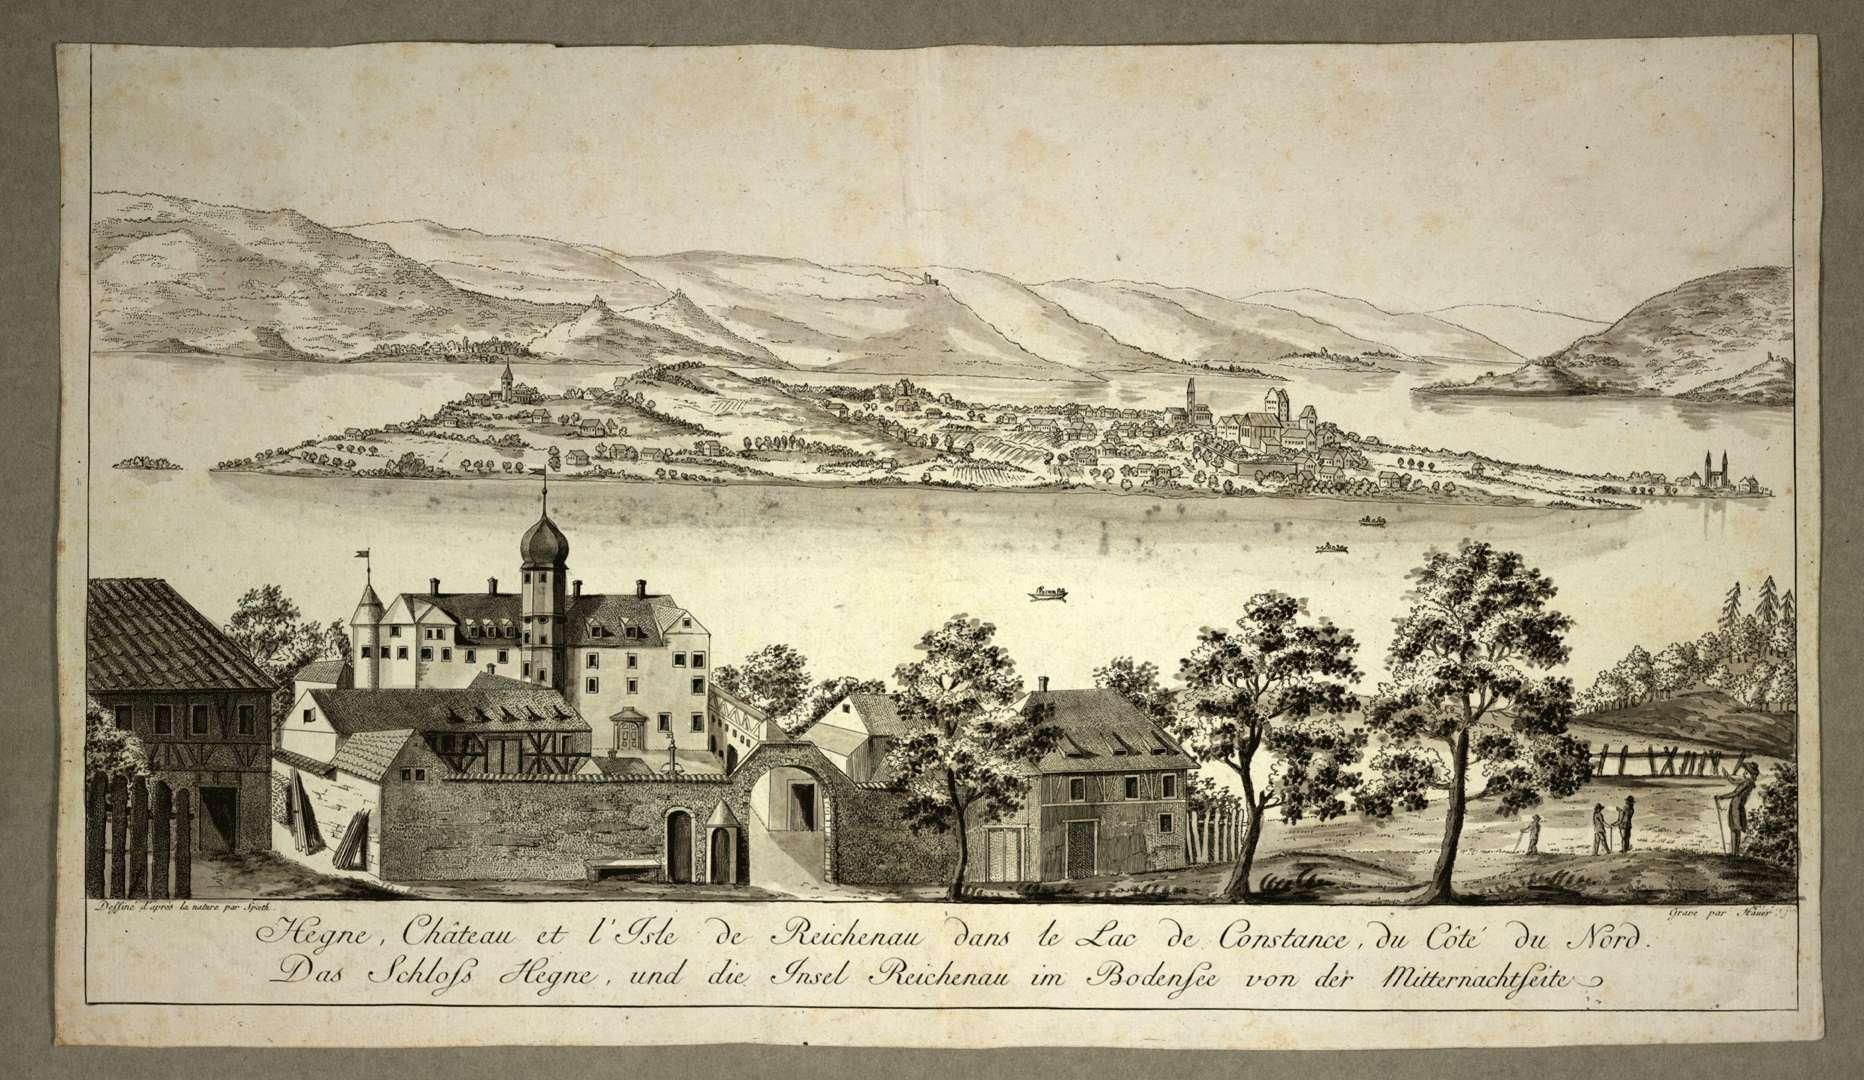 Hegne, Château et l